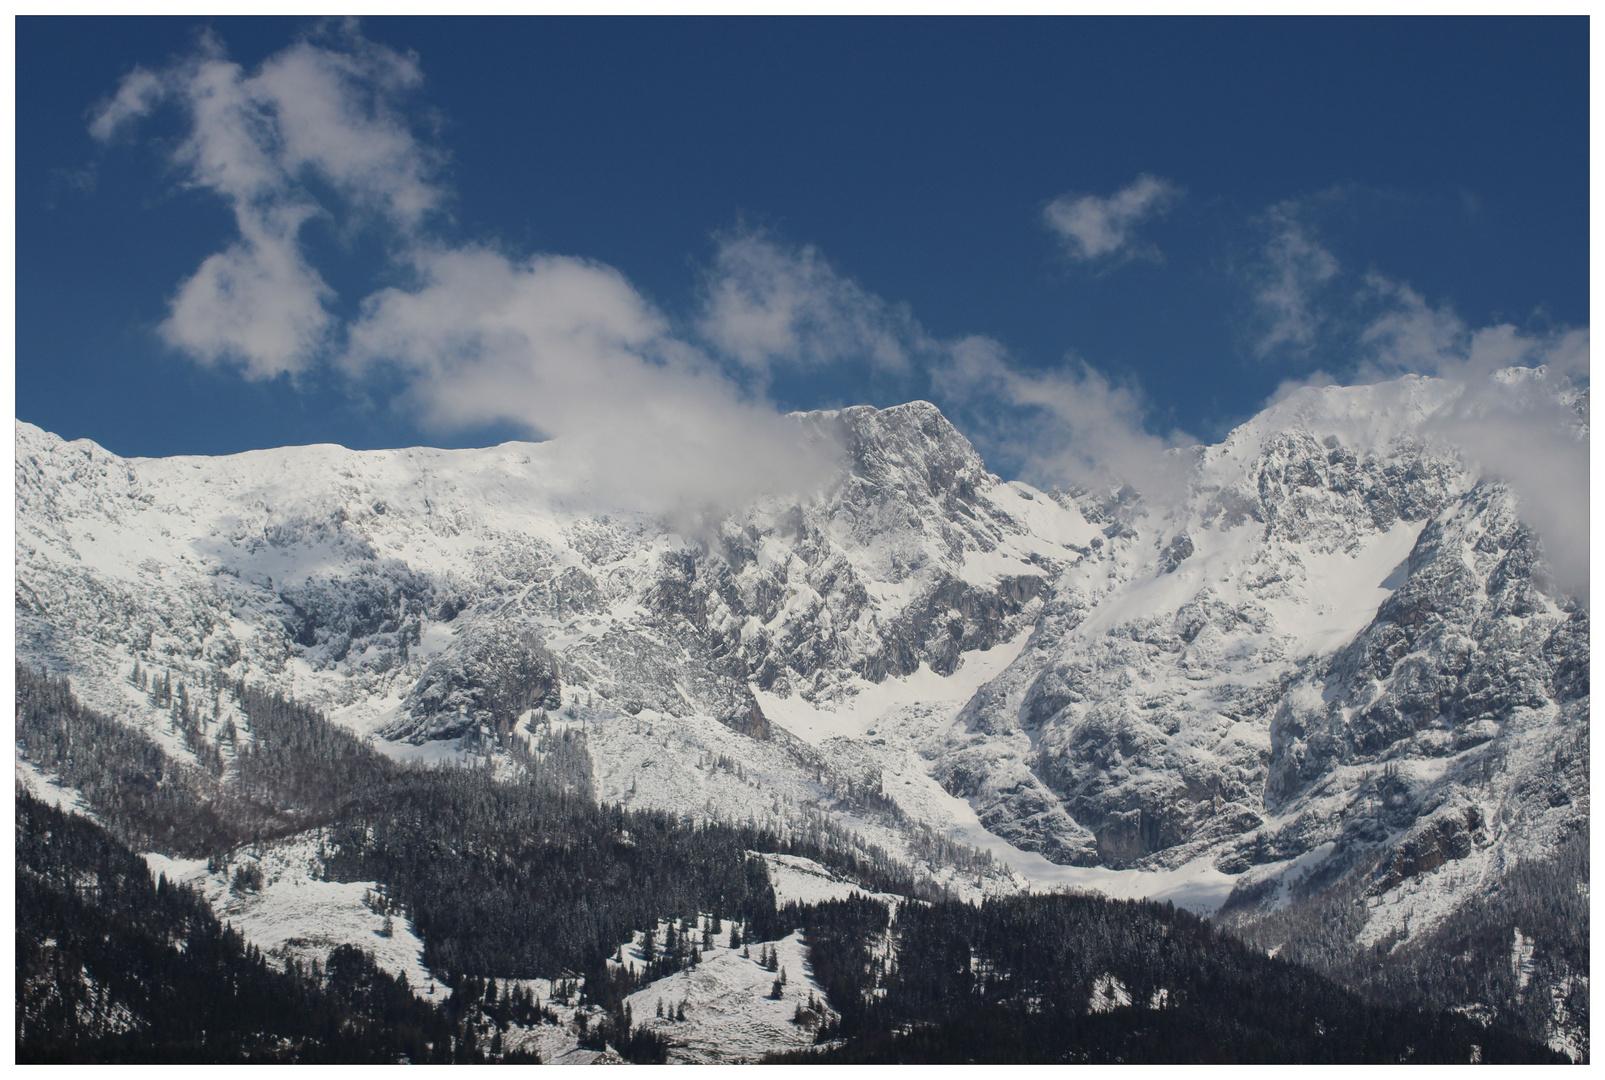 Austria 14´ - Alpines